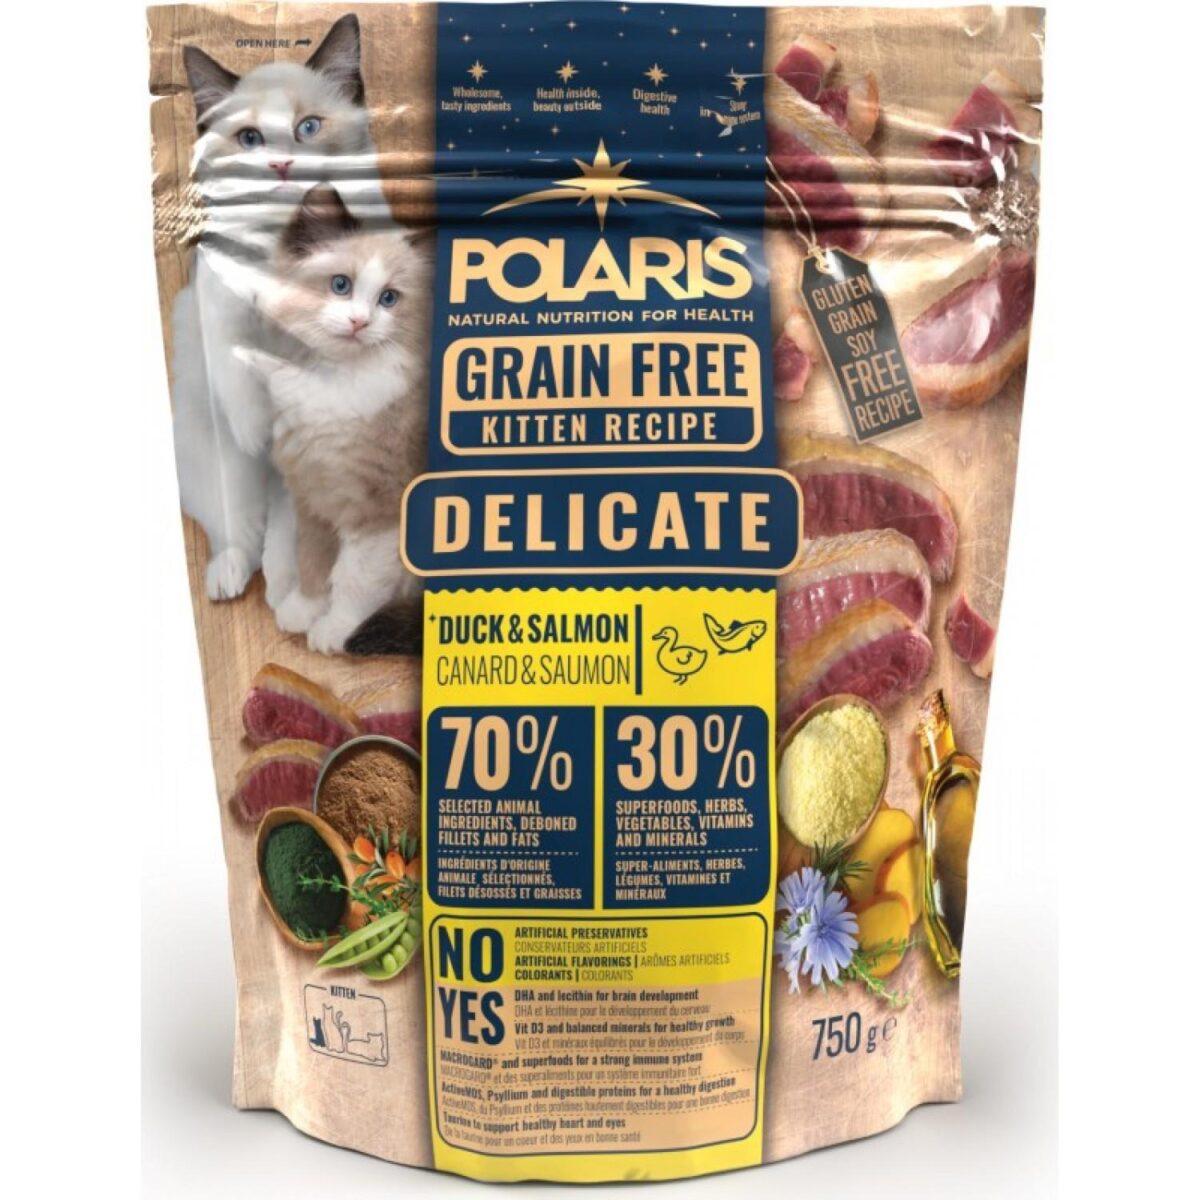 Polaris teraviljavaba täissööt pardiliha ja lõhega kassipoegadele 750g